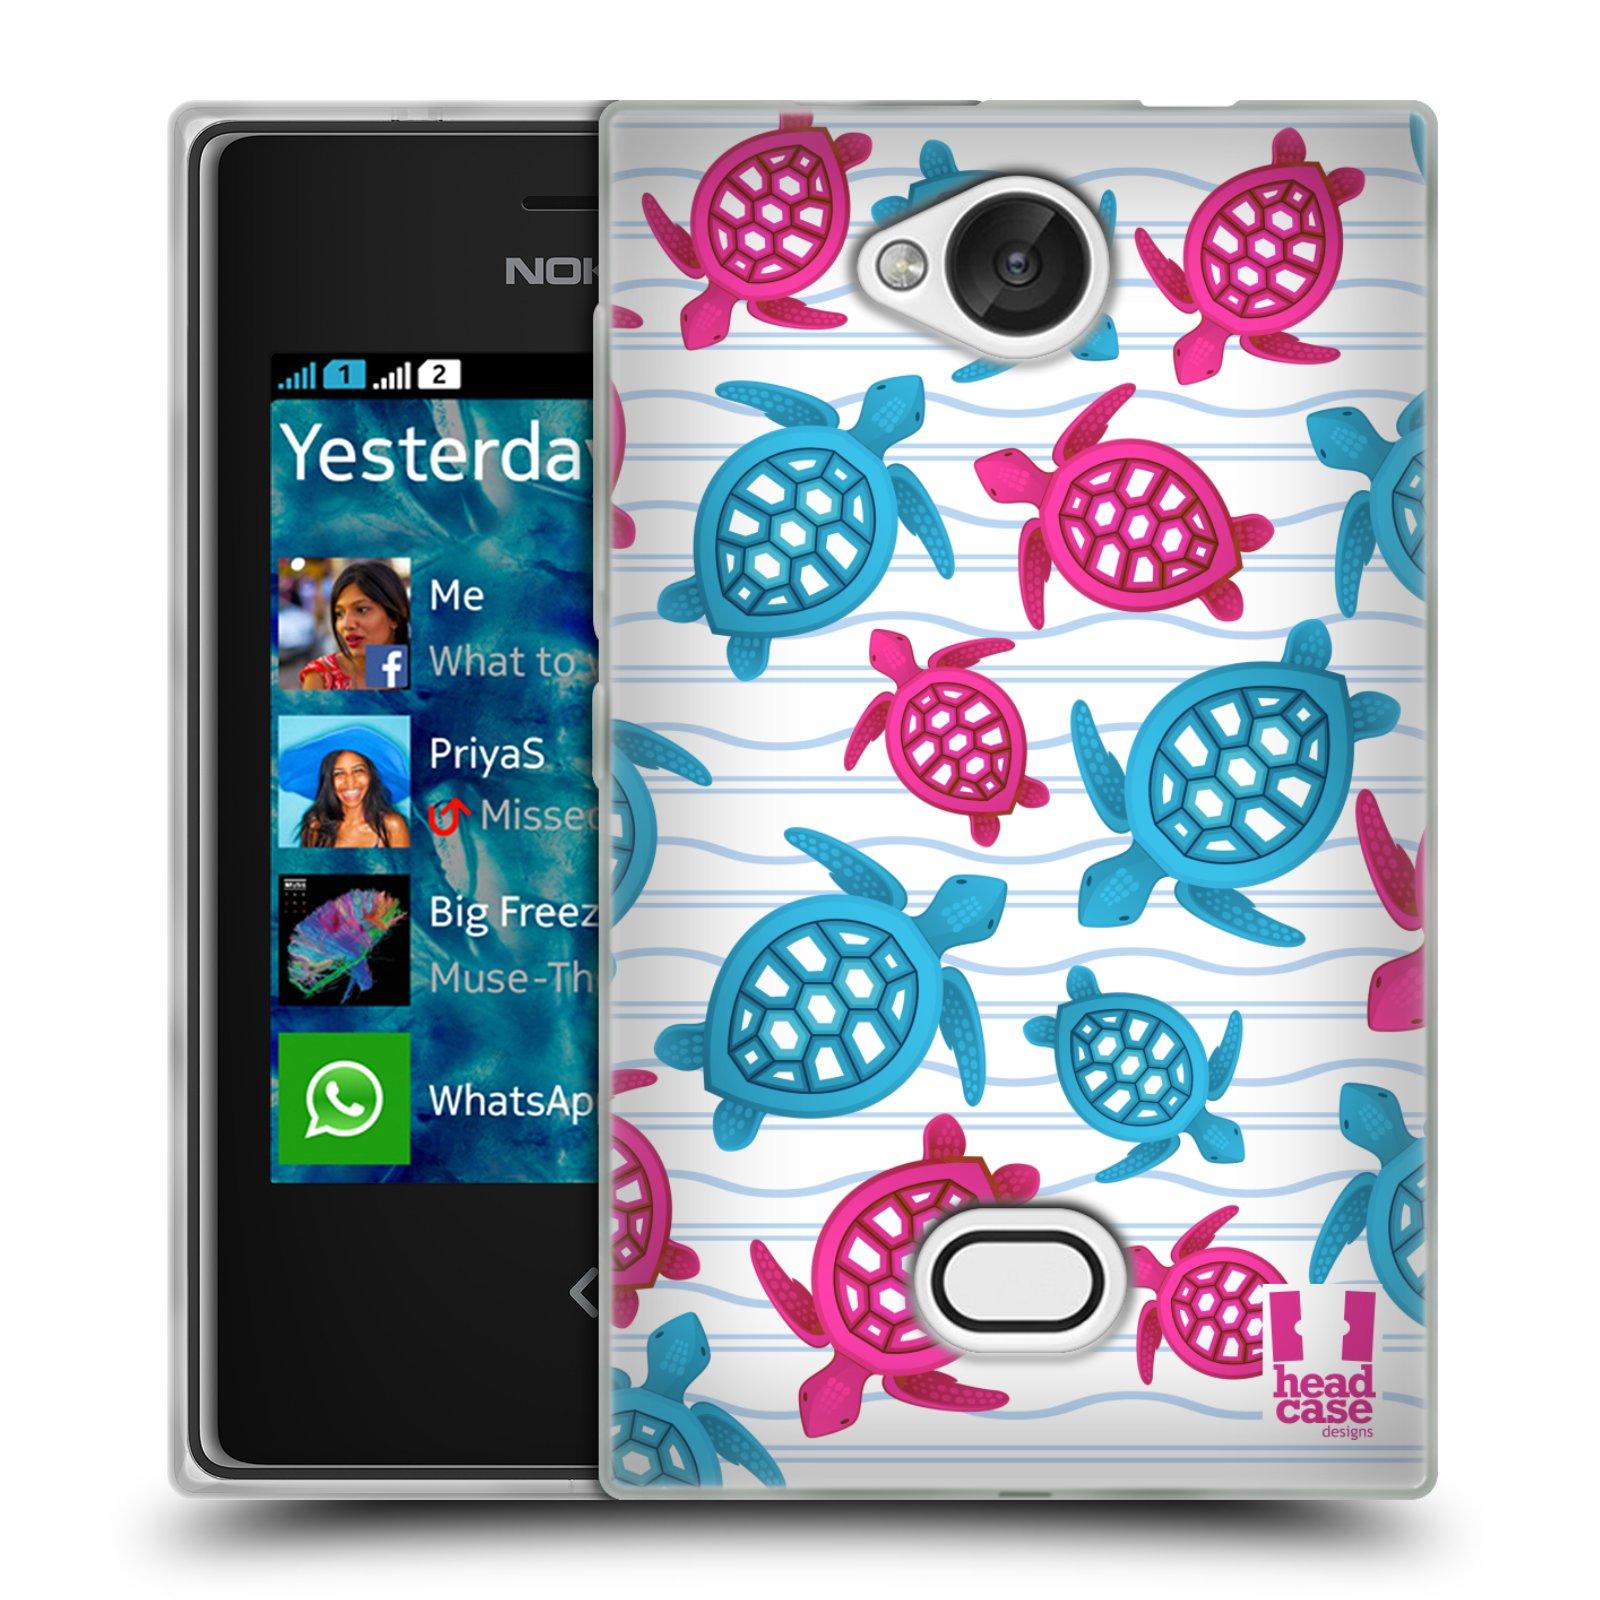 HEAD CASE silikonový obal na mobil NOKIA Asha 503 vzor mořský živočich želva modrá a růžová